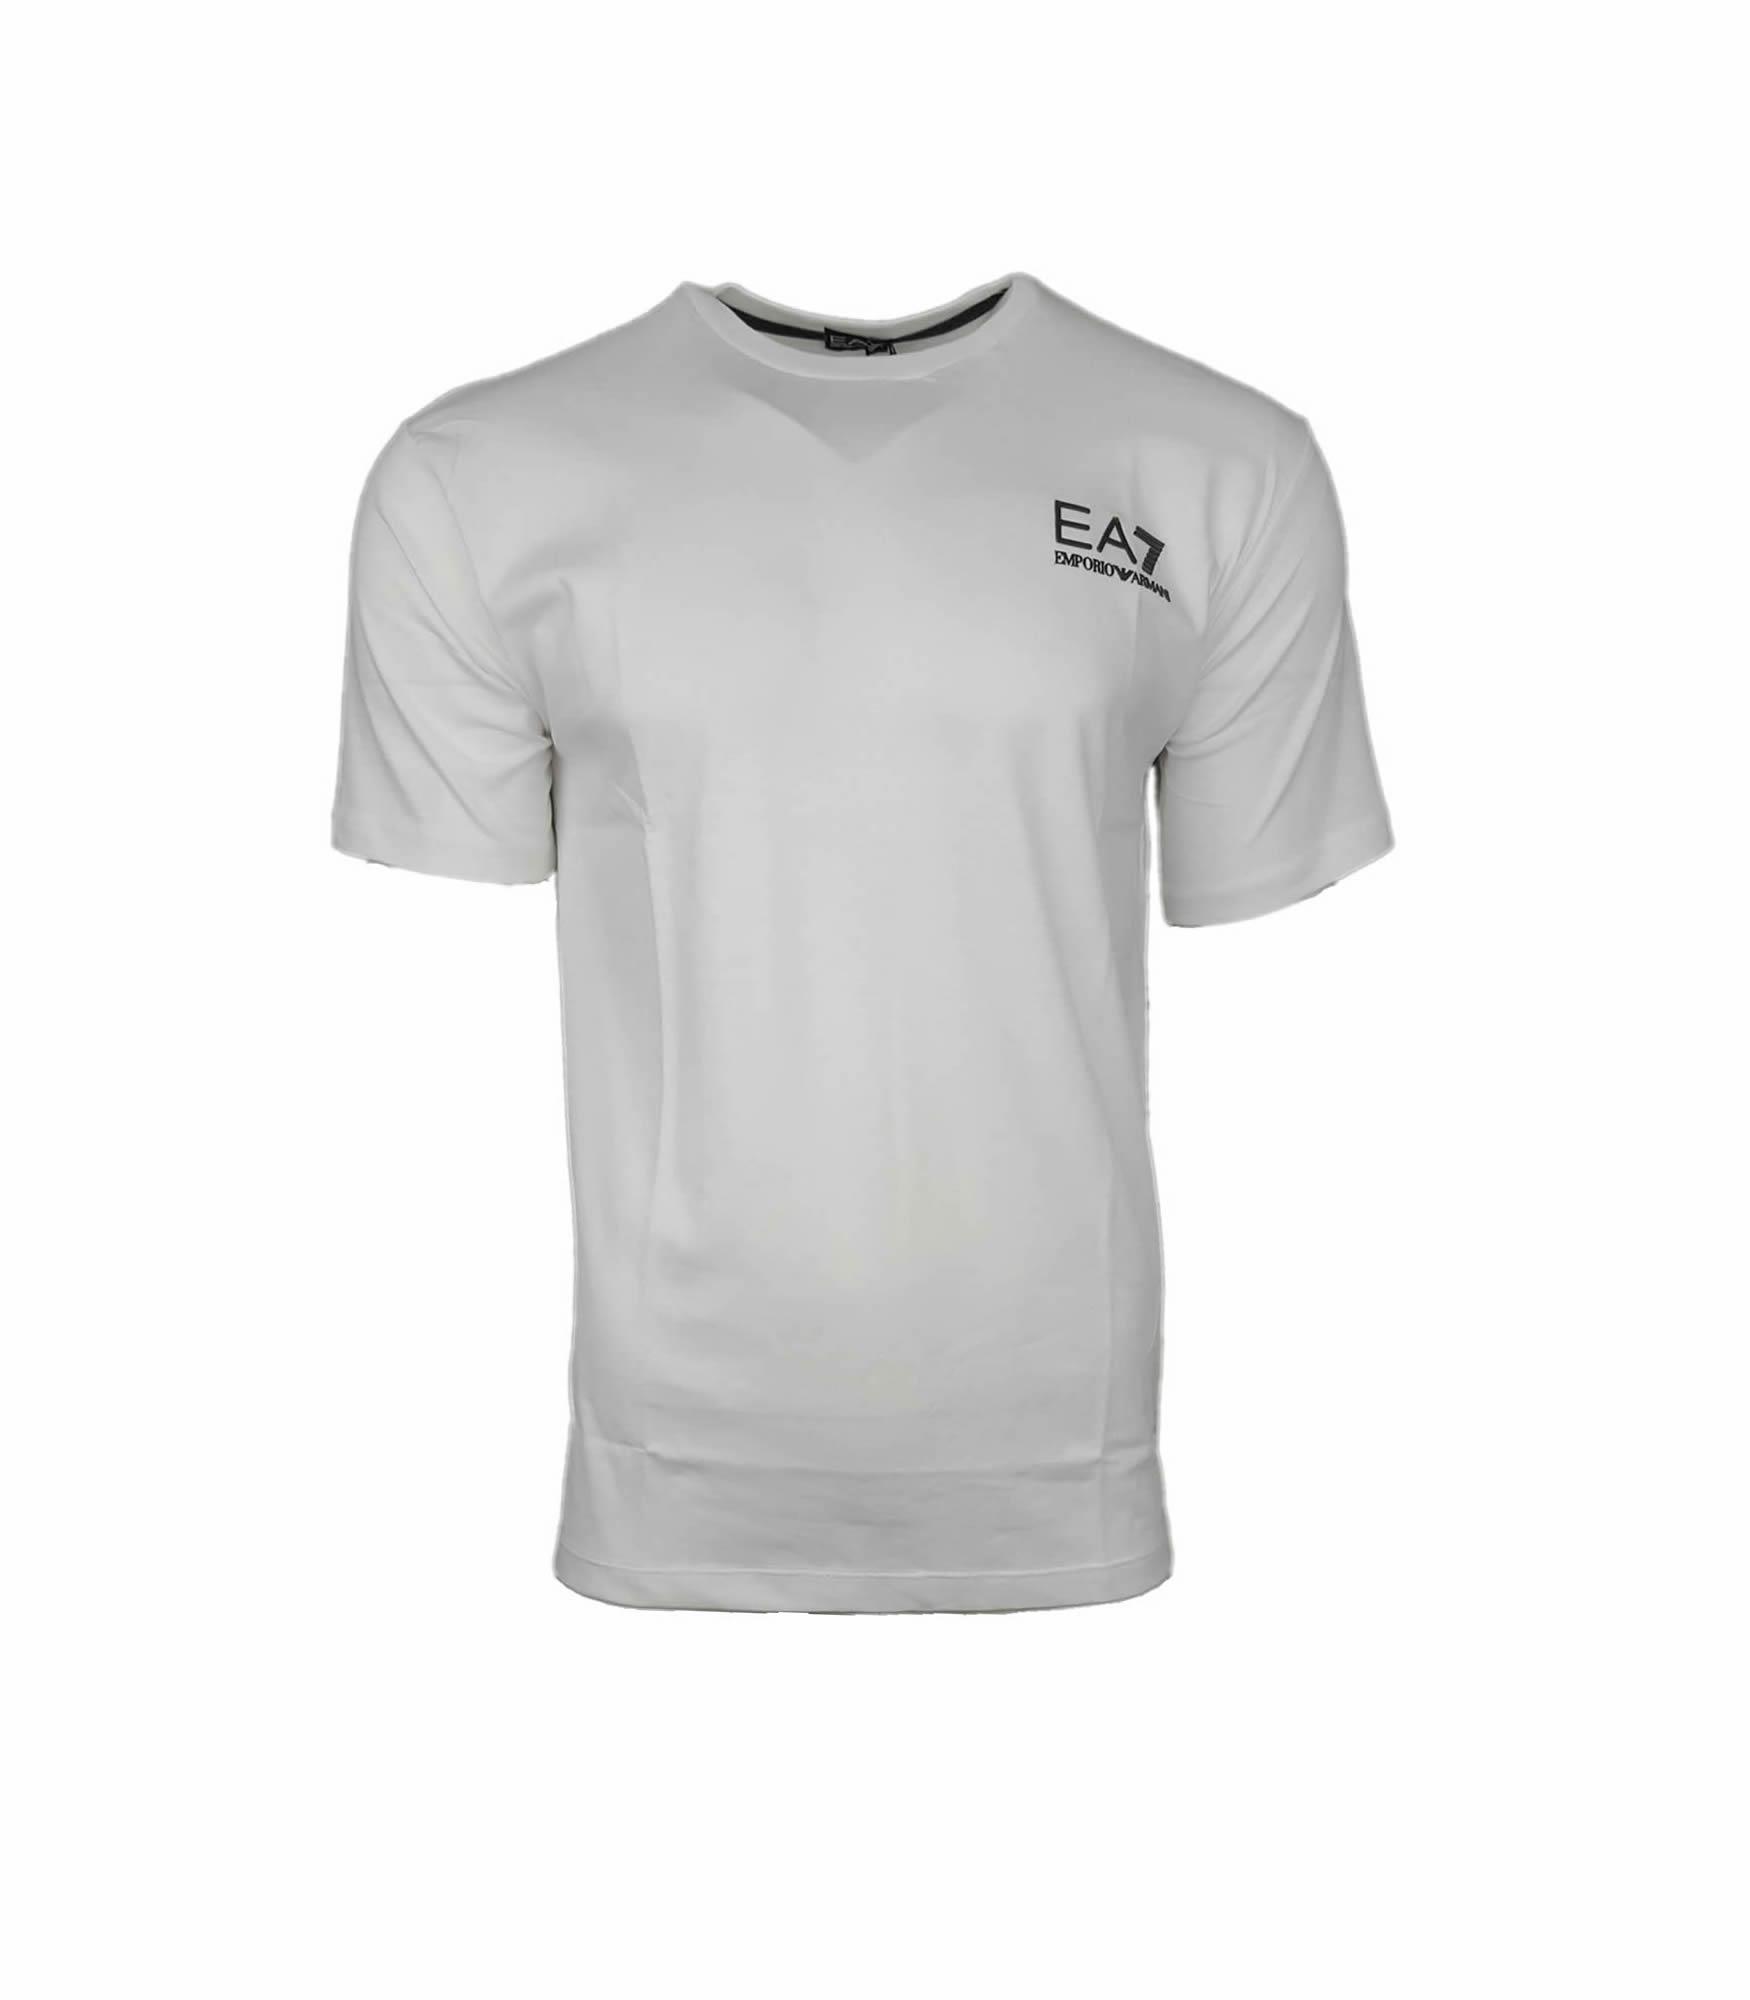 8a51cf5d EA7 Emporio Armani Mens Crew T Shirt. Rubberised Logo in White | INTOTO7  Menswear